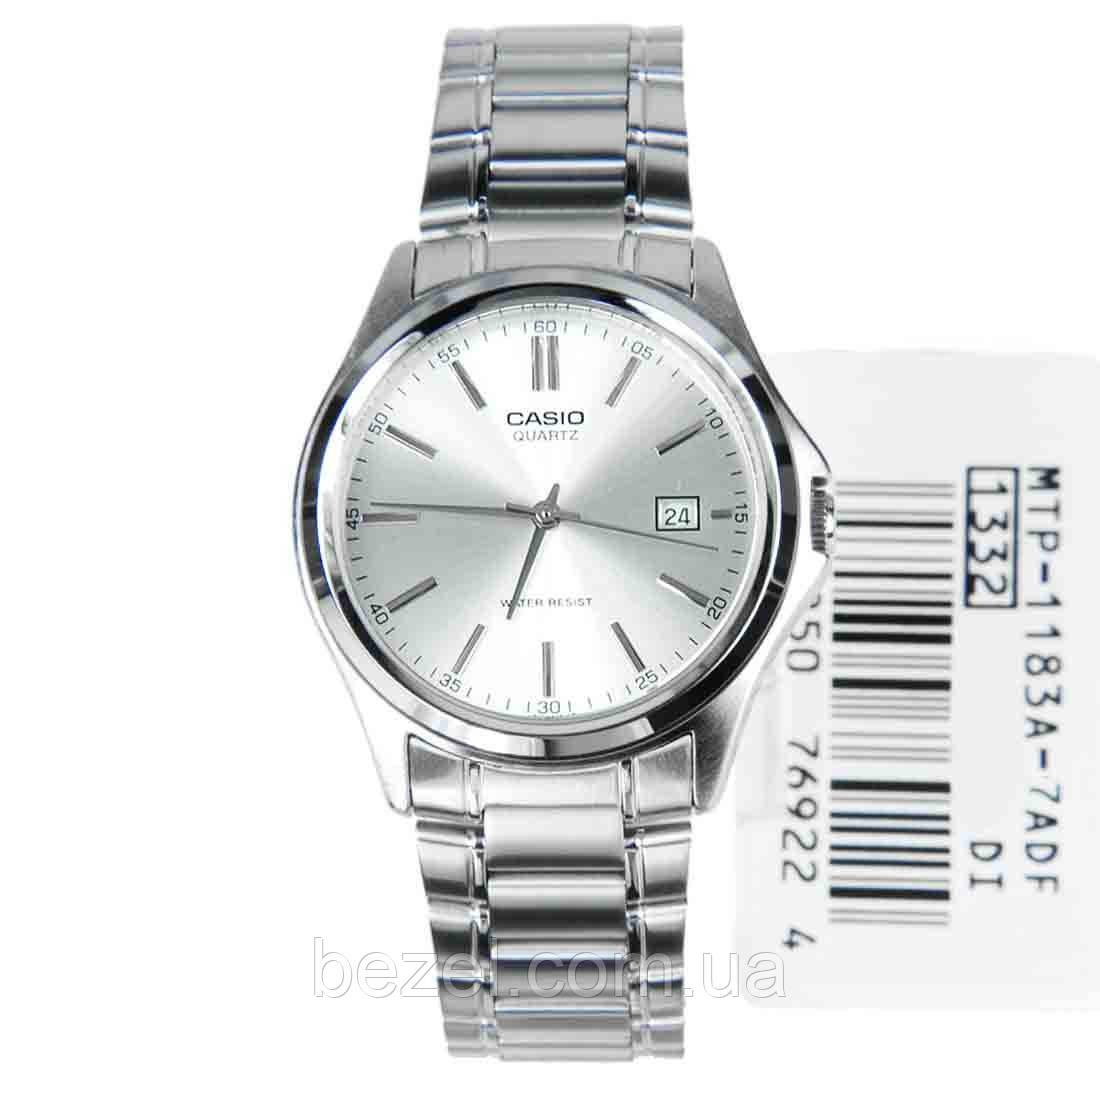 Женские часы Casio LTP-1183A-7AEF - BEZEL - оригинальные часы в Черкассах a987a7a1268d6